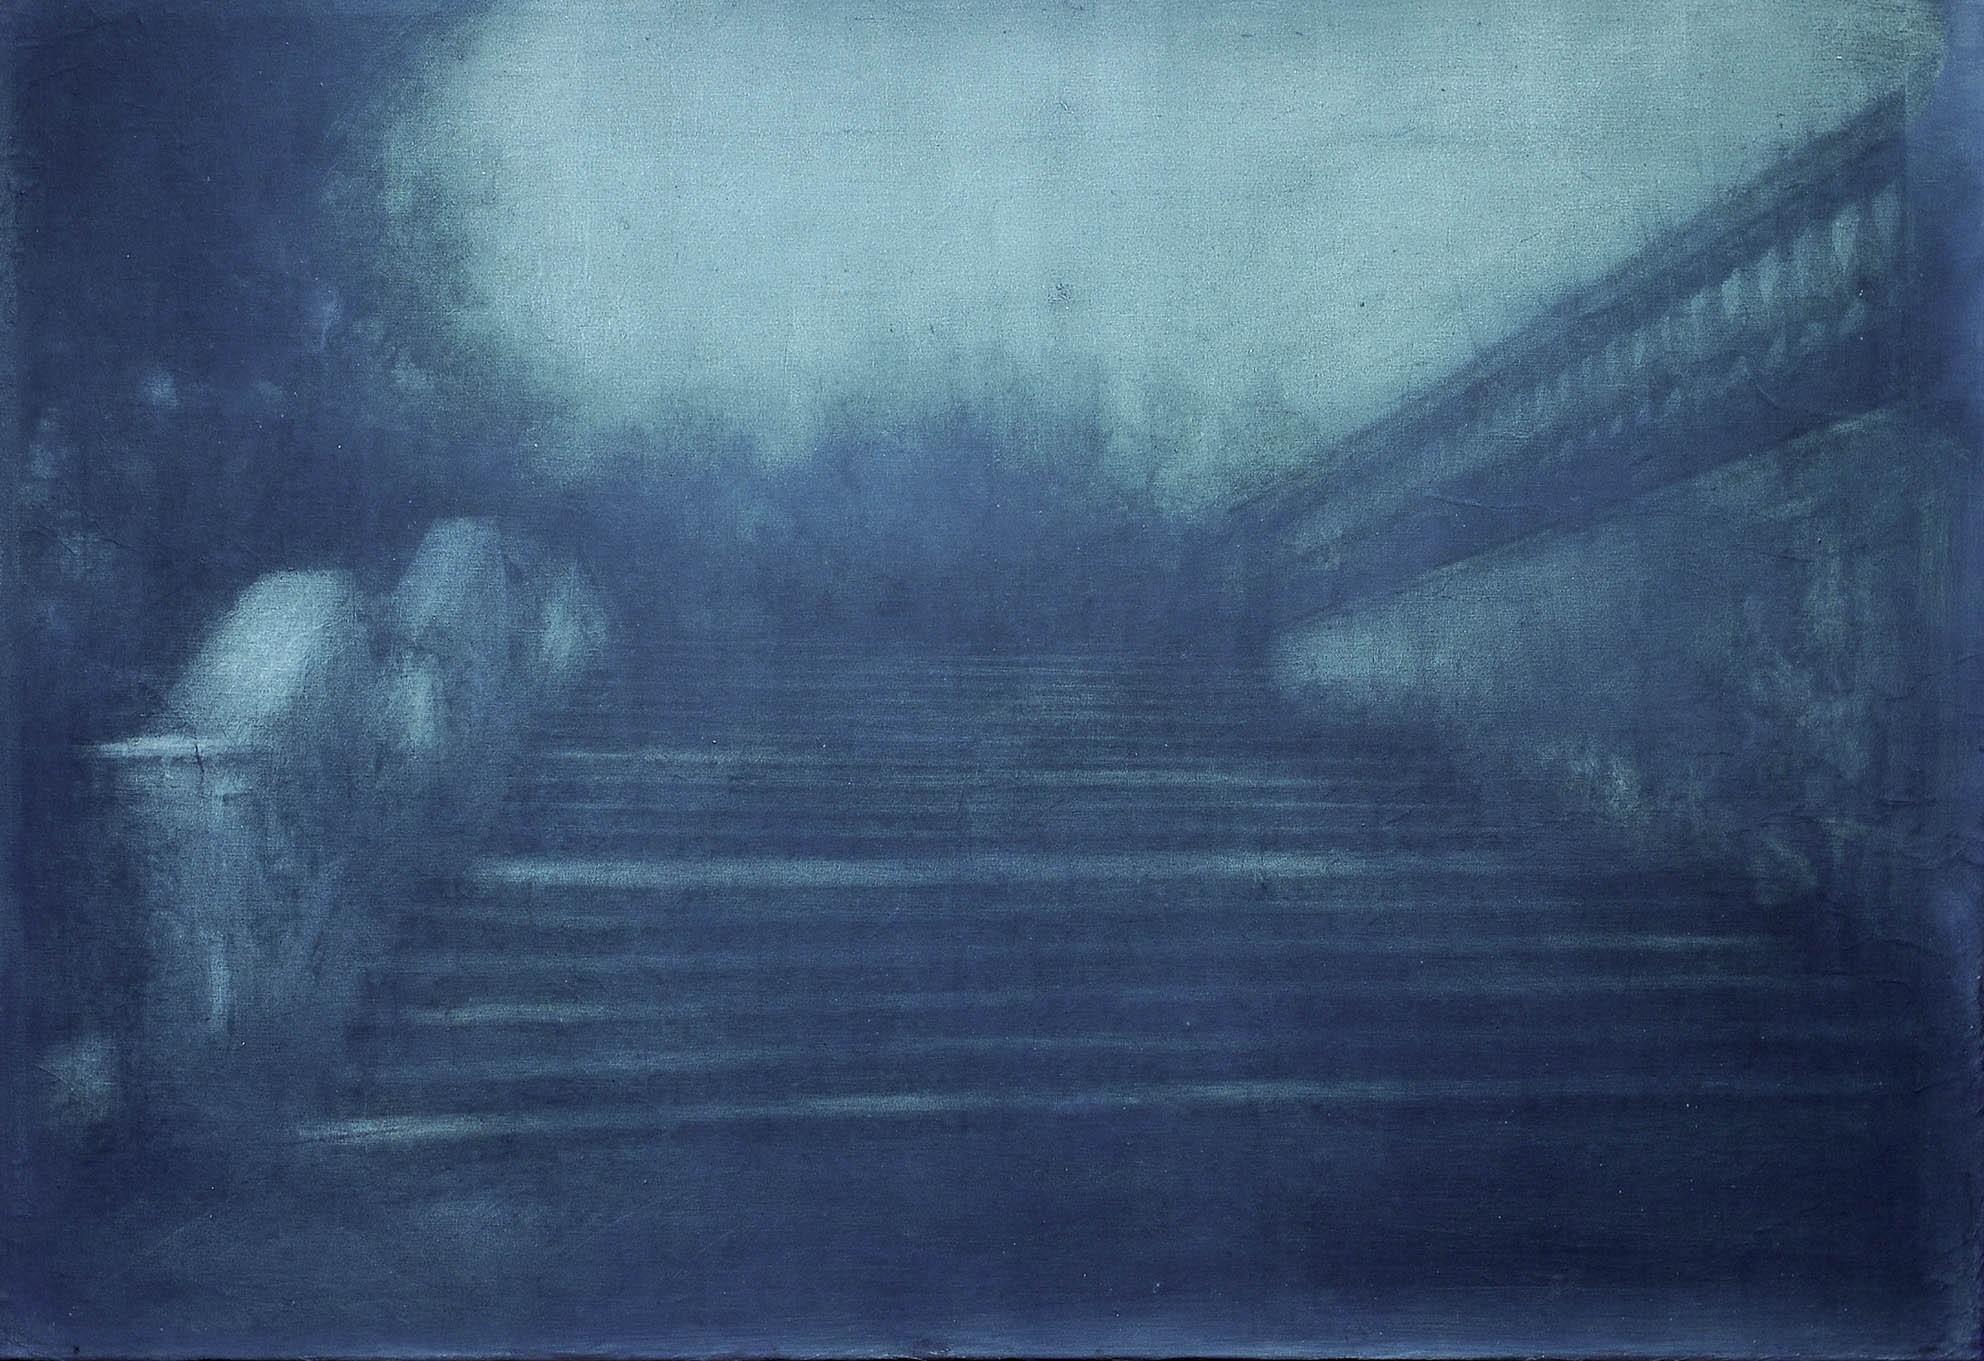 """""""Scriptorium – dove nasce un racconto"""", 2017, gelatina fotosensibile, grafite, olio su tela preparata, 90 x 130 cm, Collezione privata"""